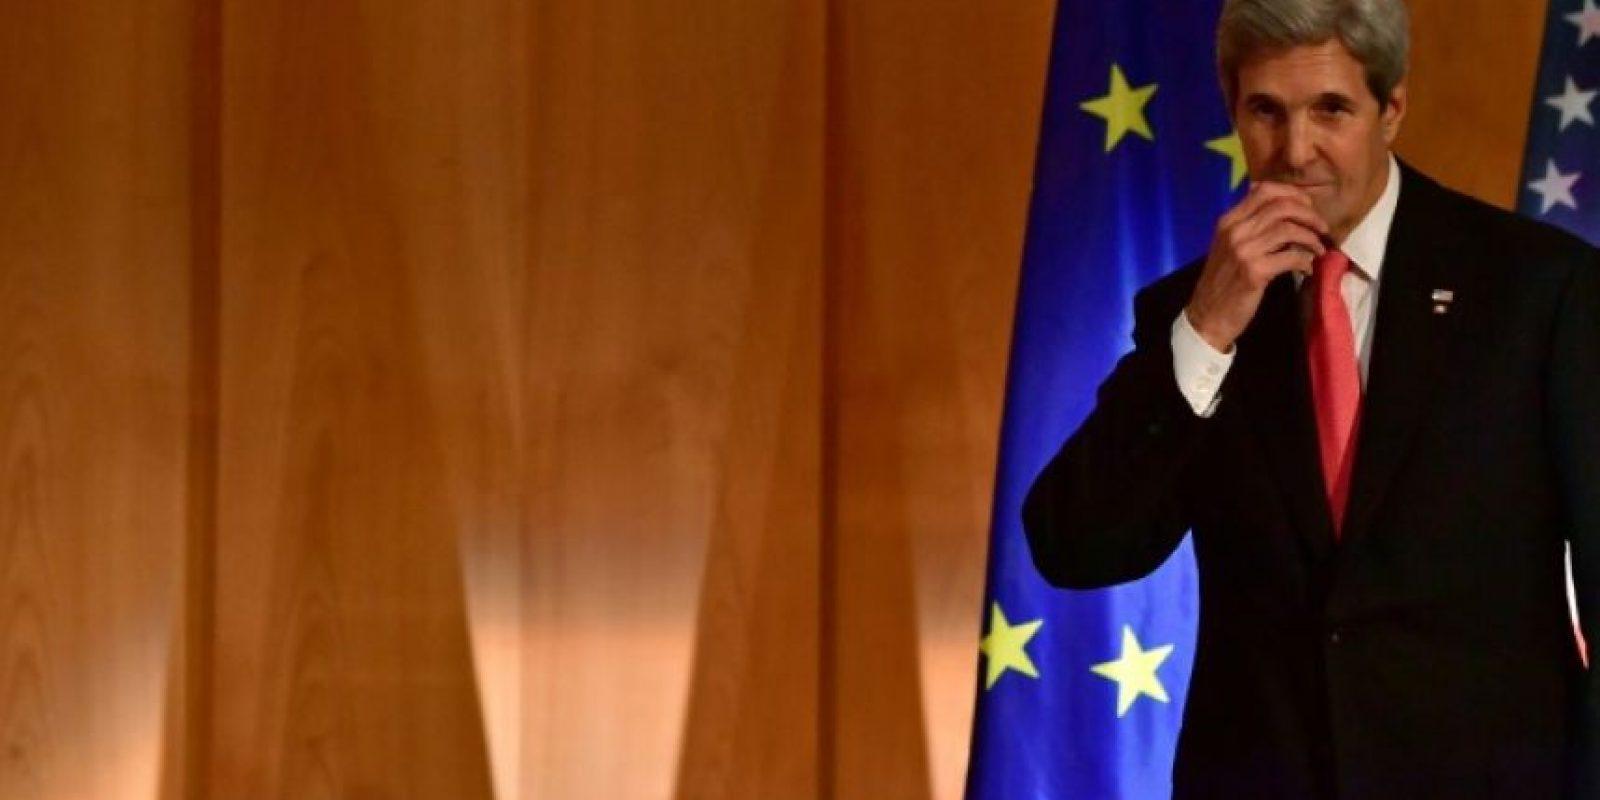 El secretario de Estado saliente de Estados Unidos, John Kerry, sube al palco para un discurso antes de recibir del gobierno alemán la Gran Cruz del Orden al Mérito, en la sede del Ministerio de Exteriores, el 5 de diciembre de 2016, en Berlín. Foto:John MACDOUGALL/afp.com